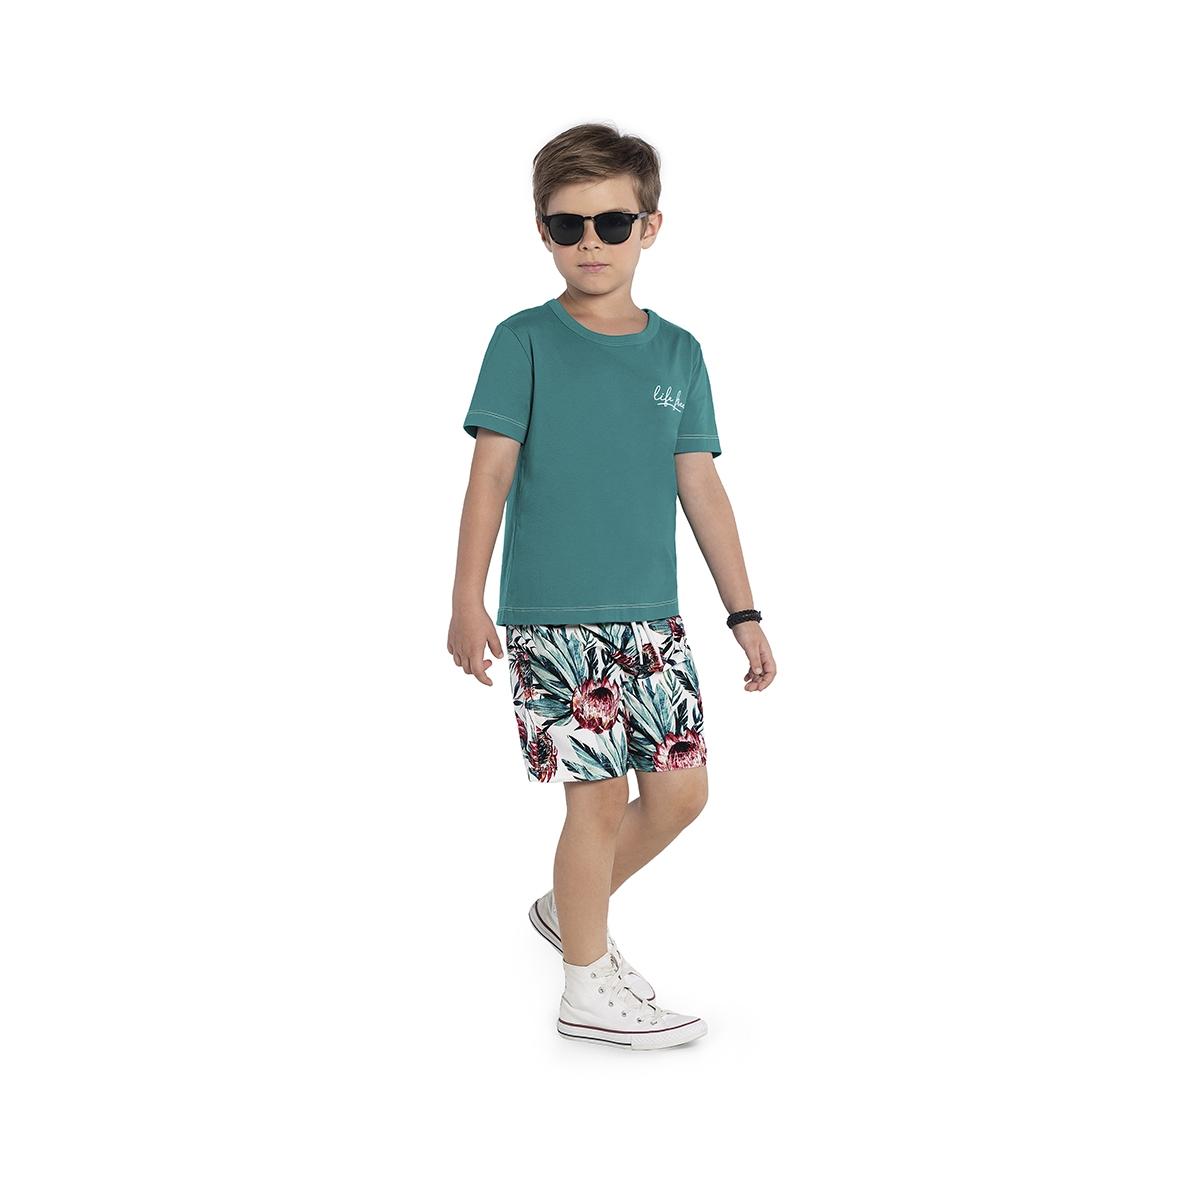 Conjunto Infantil Masculino Primavera Rovitex 308990